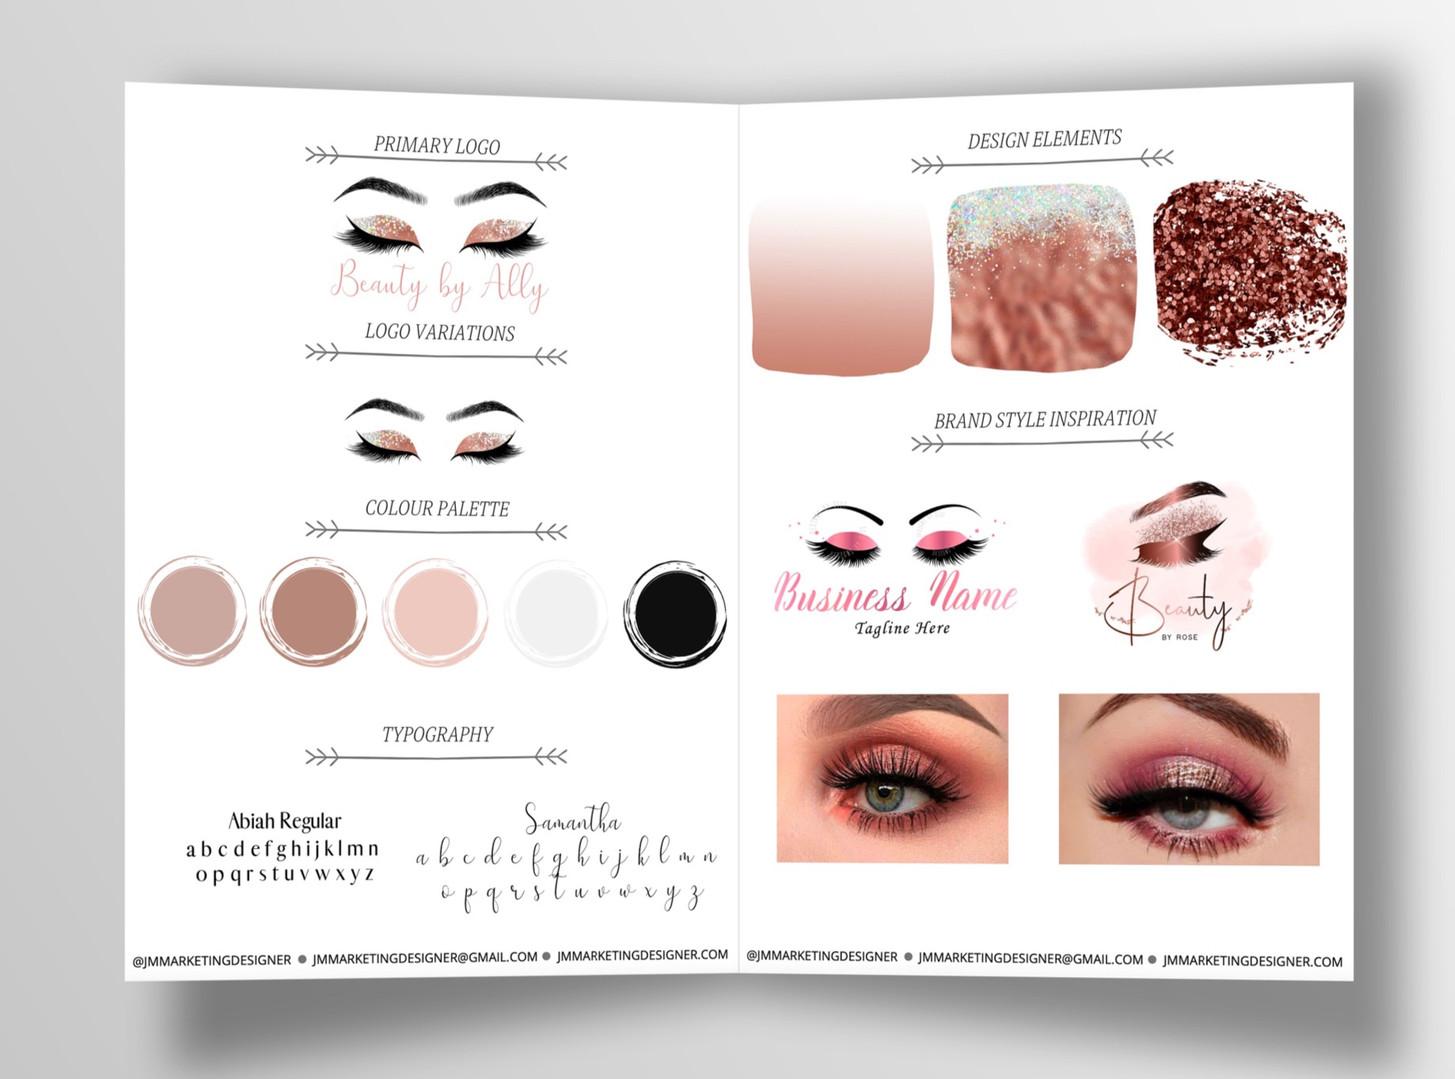 Beauty By Ally Branding File Mock Up.jpg